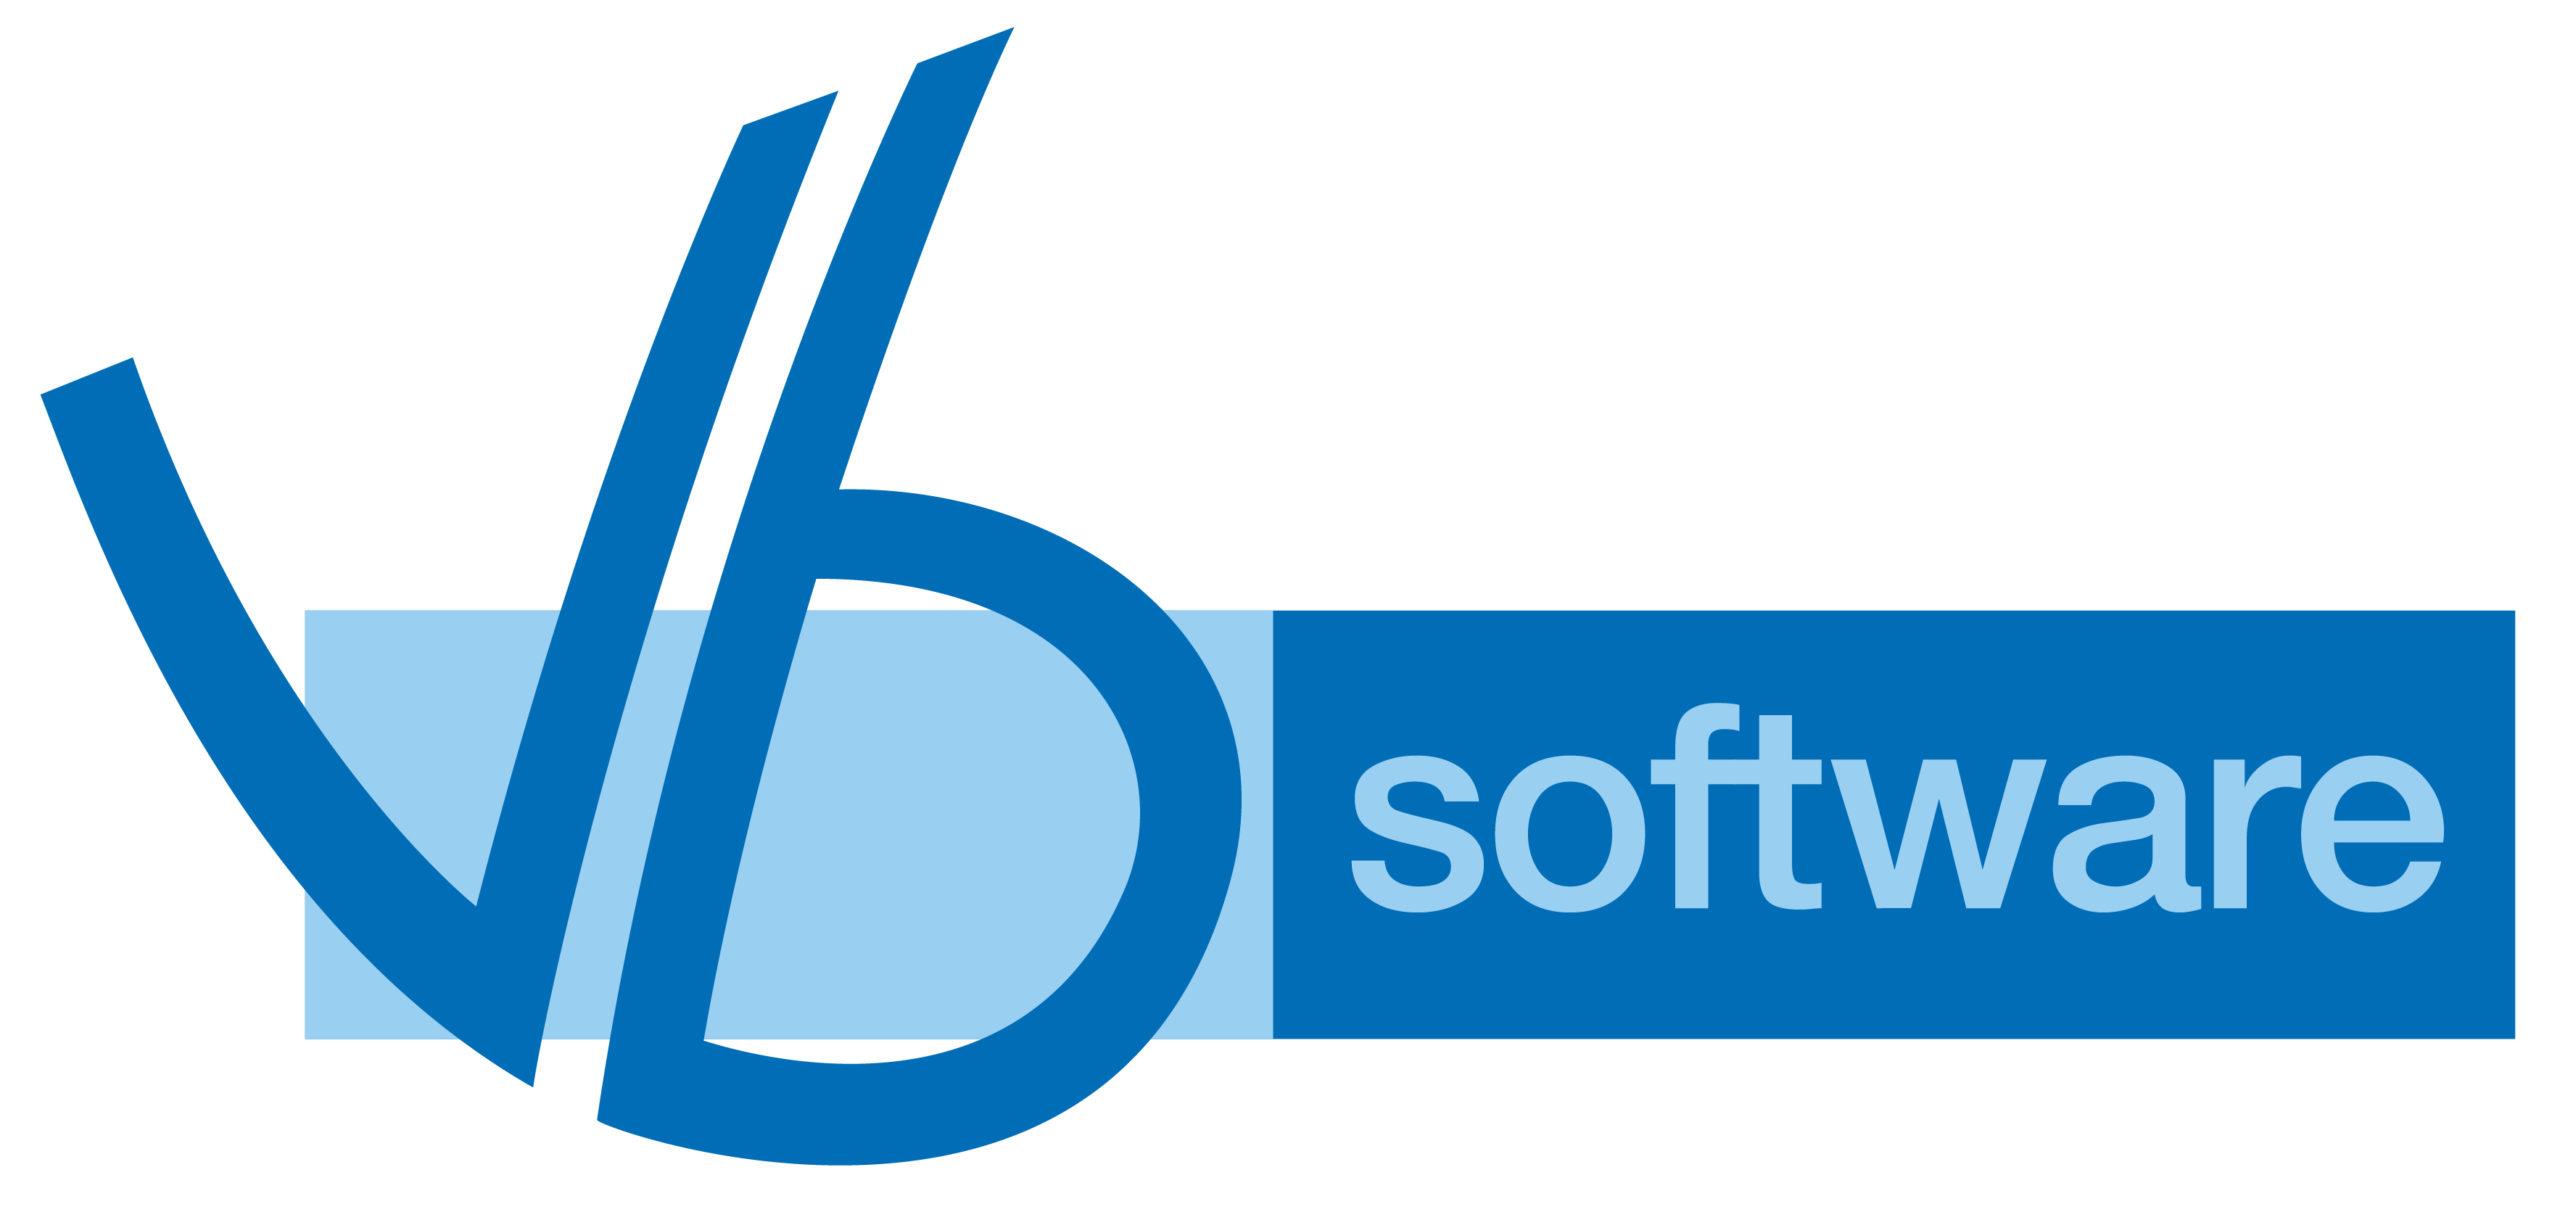 VB-Software